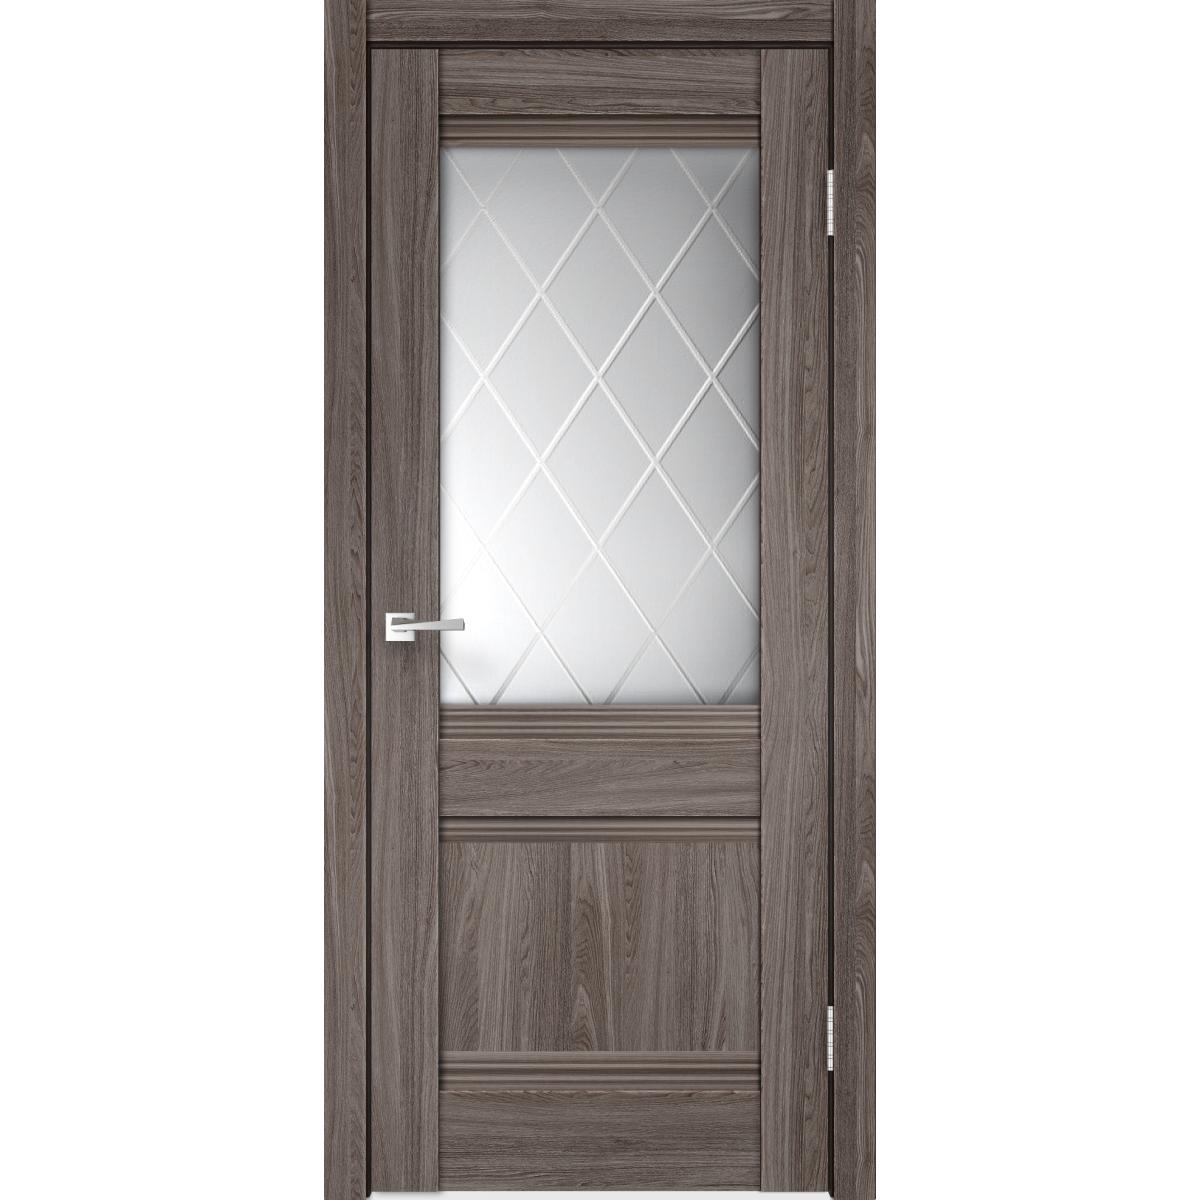 Дверь межкомнатная остеклённая с замком и петлями в комплекте «Тоскана» 90x200 см цвет ясень анкор